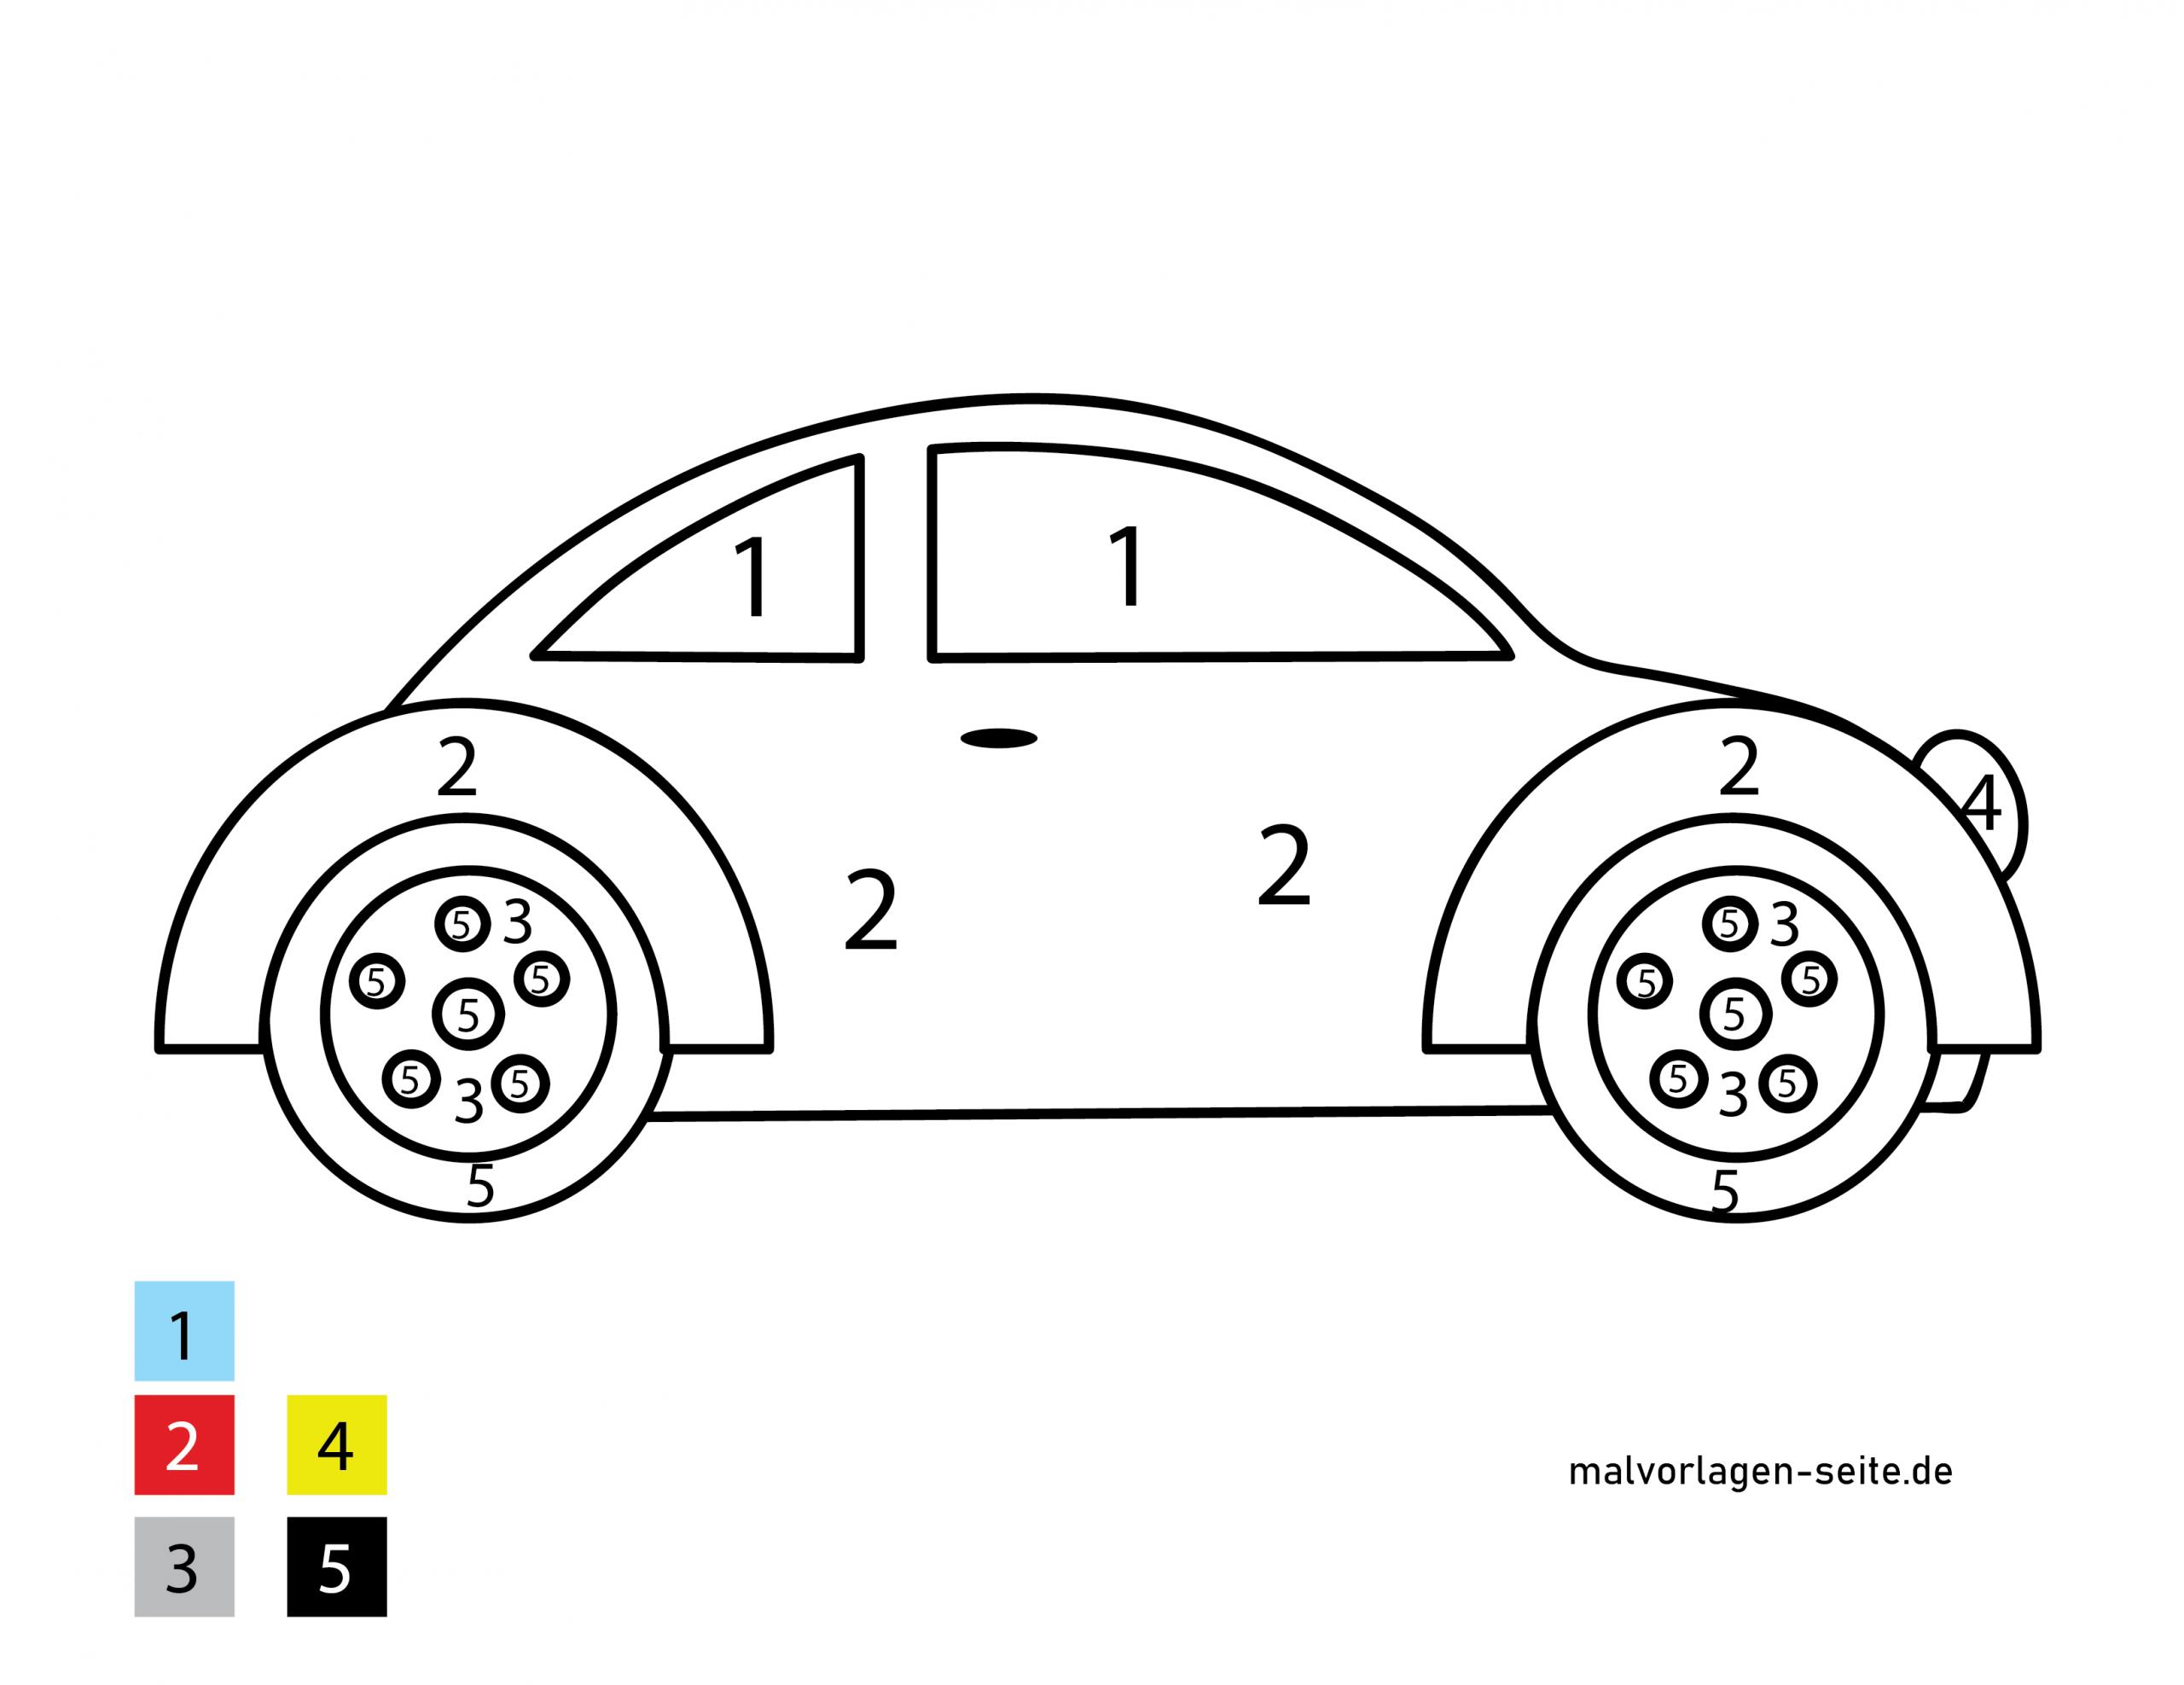 Malen Nach Zahlen - Auto - Ausmalbilder Kostenlos Herunterladen mit Malvorlage Auto Einfach